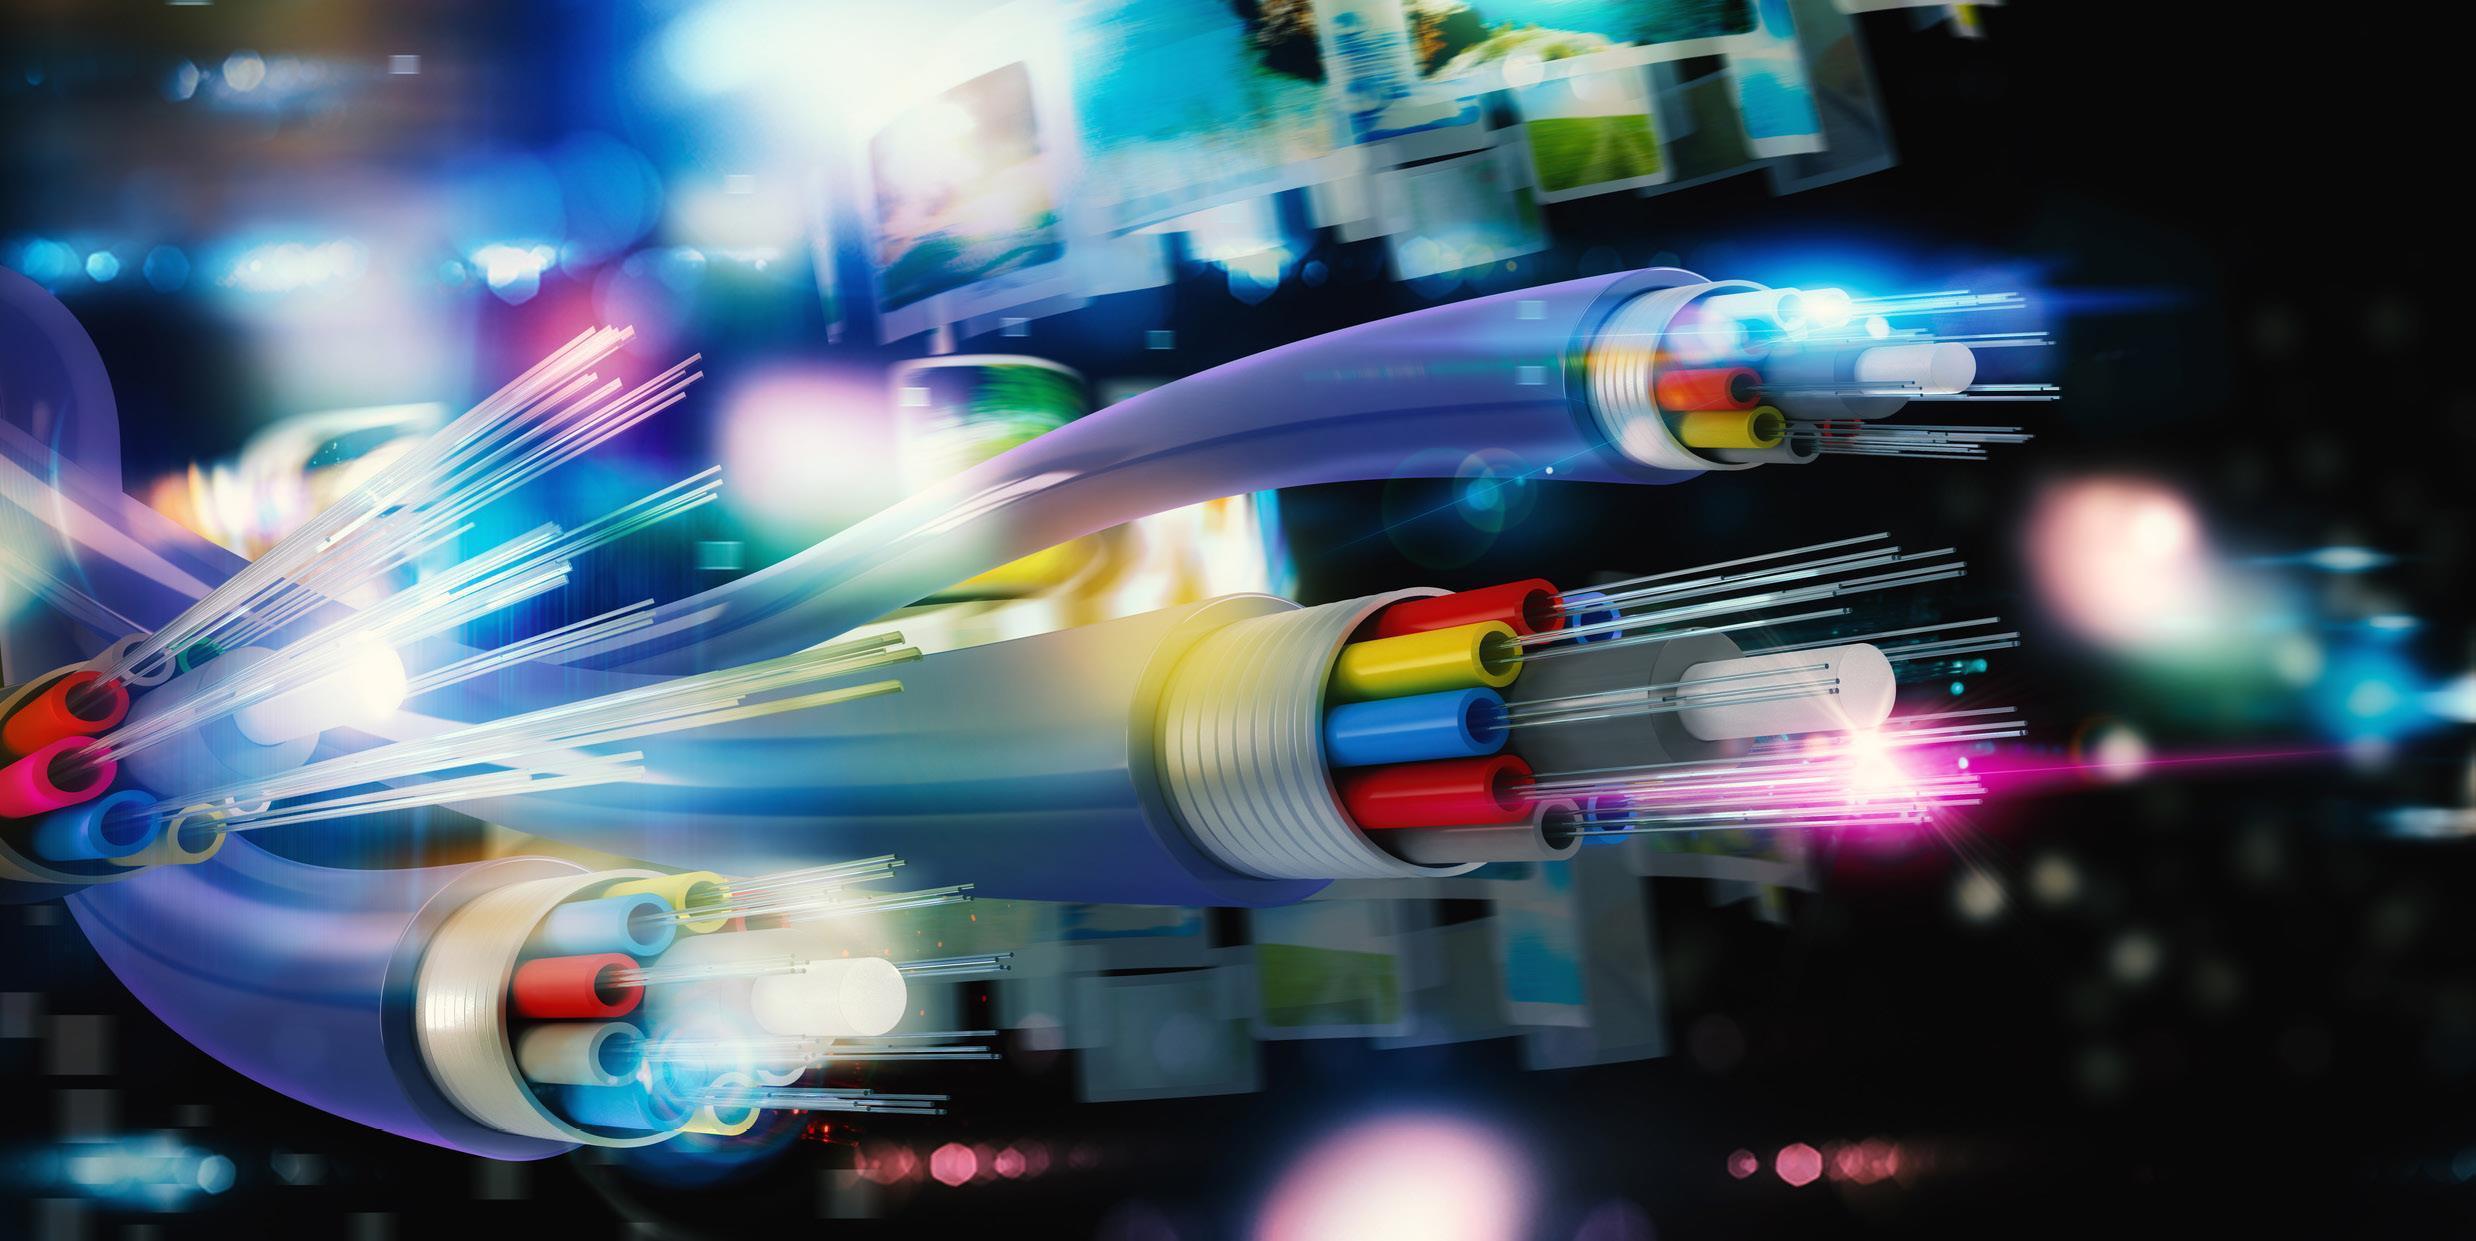 Vision-Systeme mit Framegrabbern beschleunigen